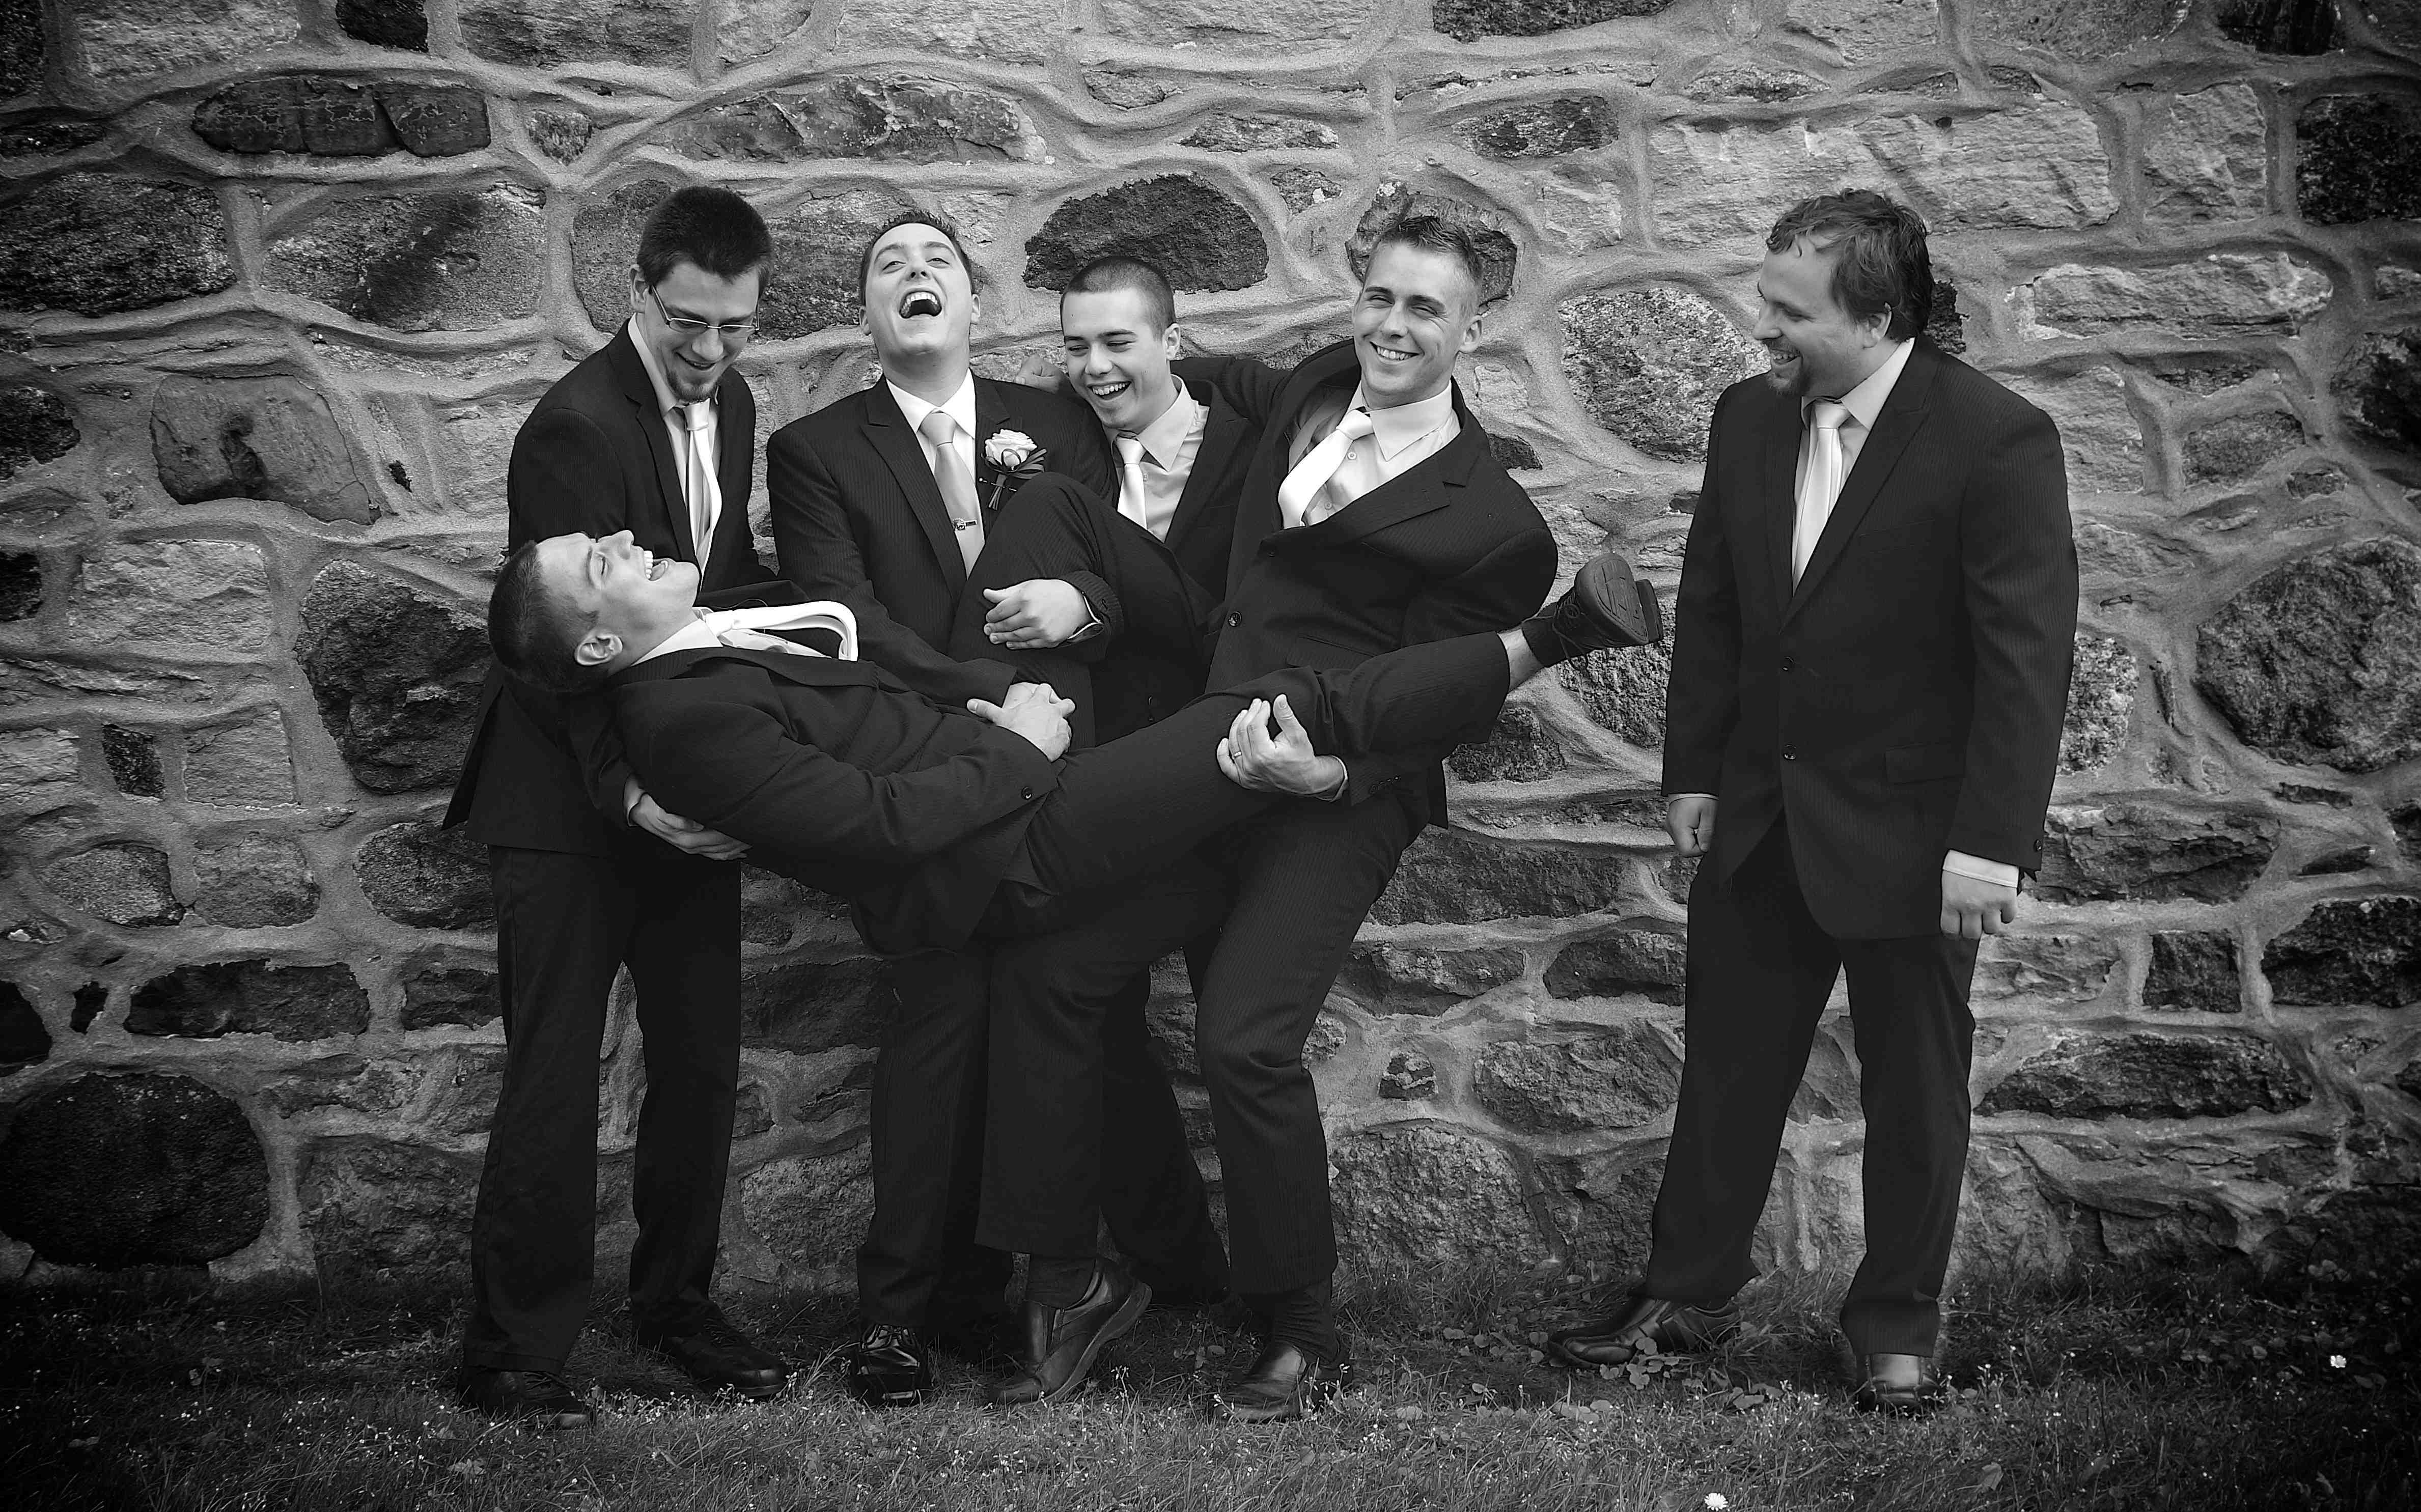 Pourquoi les photos de mariage sont souvent en noir et blanc ...